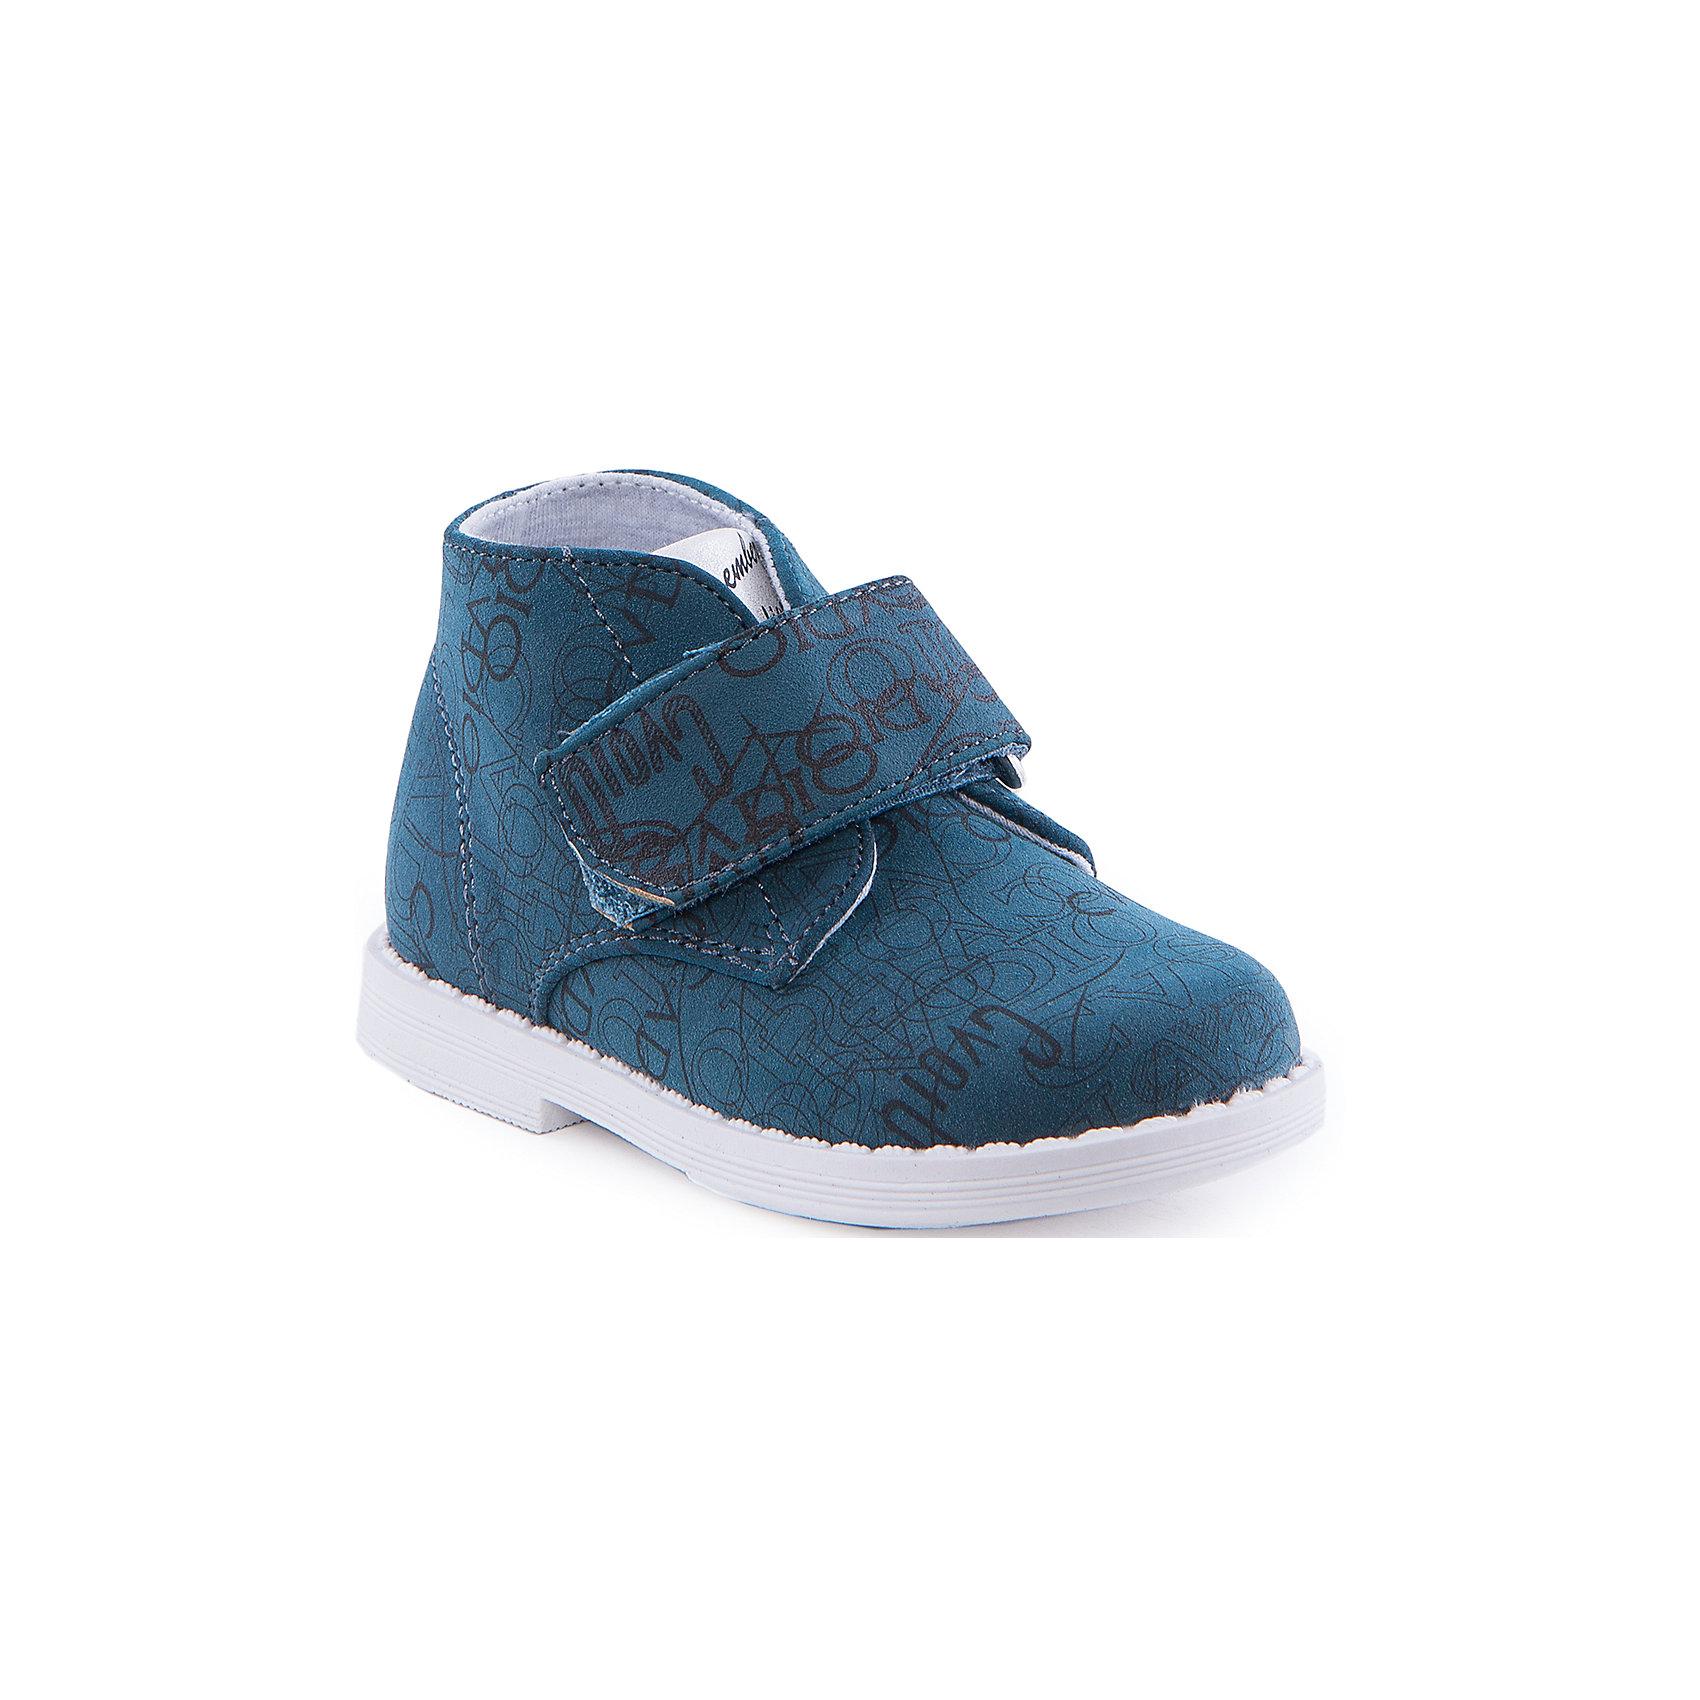 Ботинки для мальчика Indigo kidsОбувь для малышей<br>Ботинки для мальчика от известного бренда Indigo kids<br><br>Стильные и удобные ботинки выполнены под замшу. Очень оригинальная и модная модель создана специально для мальчиков. Ботинки легко надеваются благодаря липучкам и комфортно садятся по ноге. <br><br>Особенности модели:<br><br>- цвет - синий;<br>- стильный дизайн;<br>- удобная колодка;<br>- текстильная подкладка;<br>- качественная  прошивка;<br>- декорированы принтом;<br>- устойчивая белая;<br>- застежки: липучка.<br><br>Дополнительная информация:<br><br>Состав:<br><br>верх – искусственная кожа;<br>подкладка - текстиль;<br>подошва - ТЭП.<br><br>Ботинки для мальчика Indigo kids (Индиго Кидс) можно купить в нашем магазине.<br><br>Ширина мм: 262<br>Глубина мм: 176<br>Высота мм: 97<br>Вес г: 427<br>Цвет: синий<br>Возраст от месяцев: 12<br>Возраст до месяцев: 15<br>Пол: Мужской<br>Возраст: Детский<br>Размер: 21,23,25,26,24,22<br>SKU: 4520034